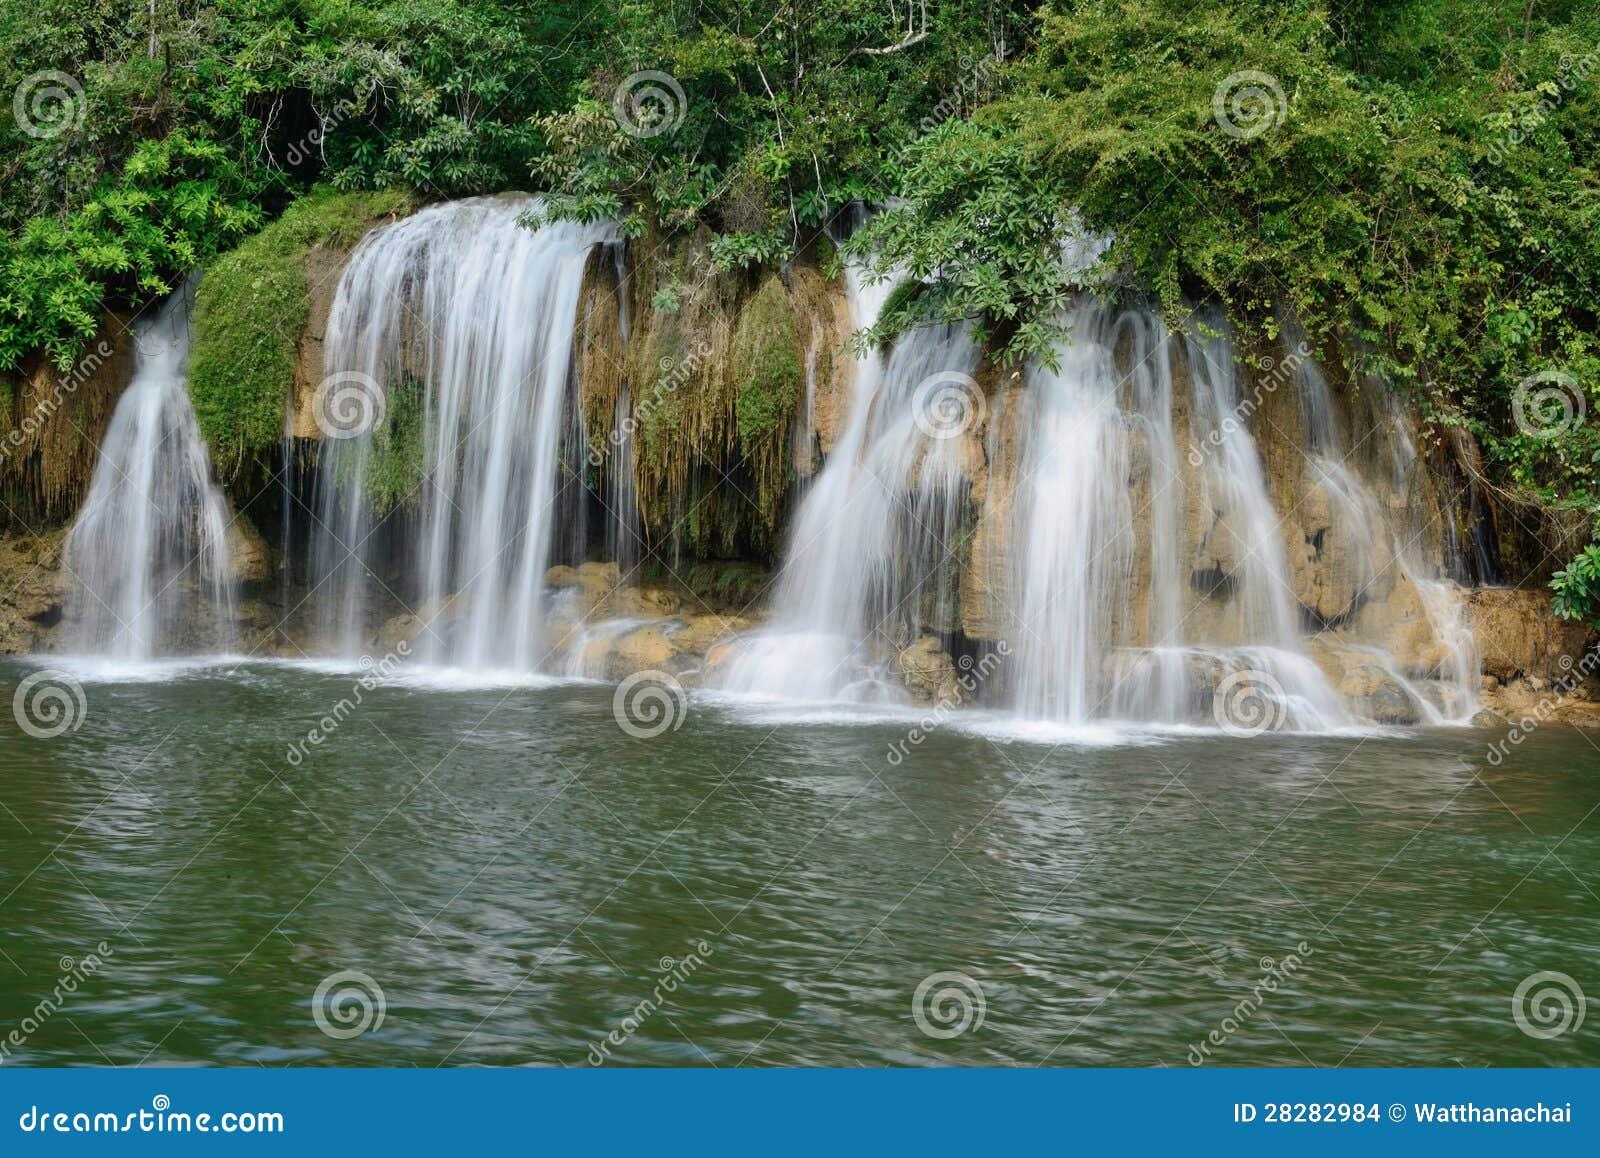 Sai Yok Yai Falls At Sai Yok National Park. Stock Images ...